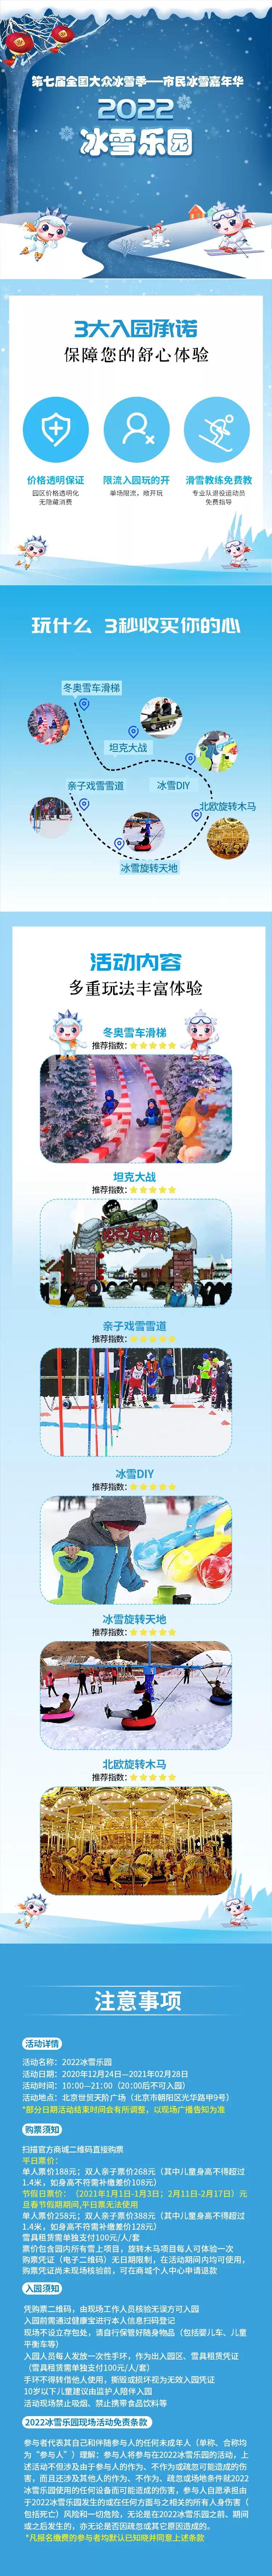 2022冰雪乐园-北京站